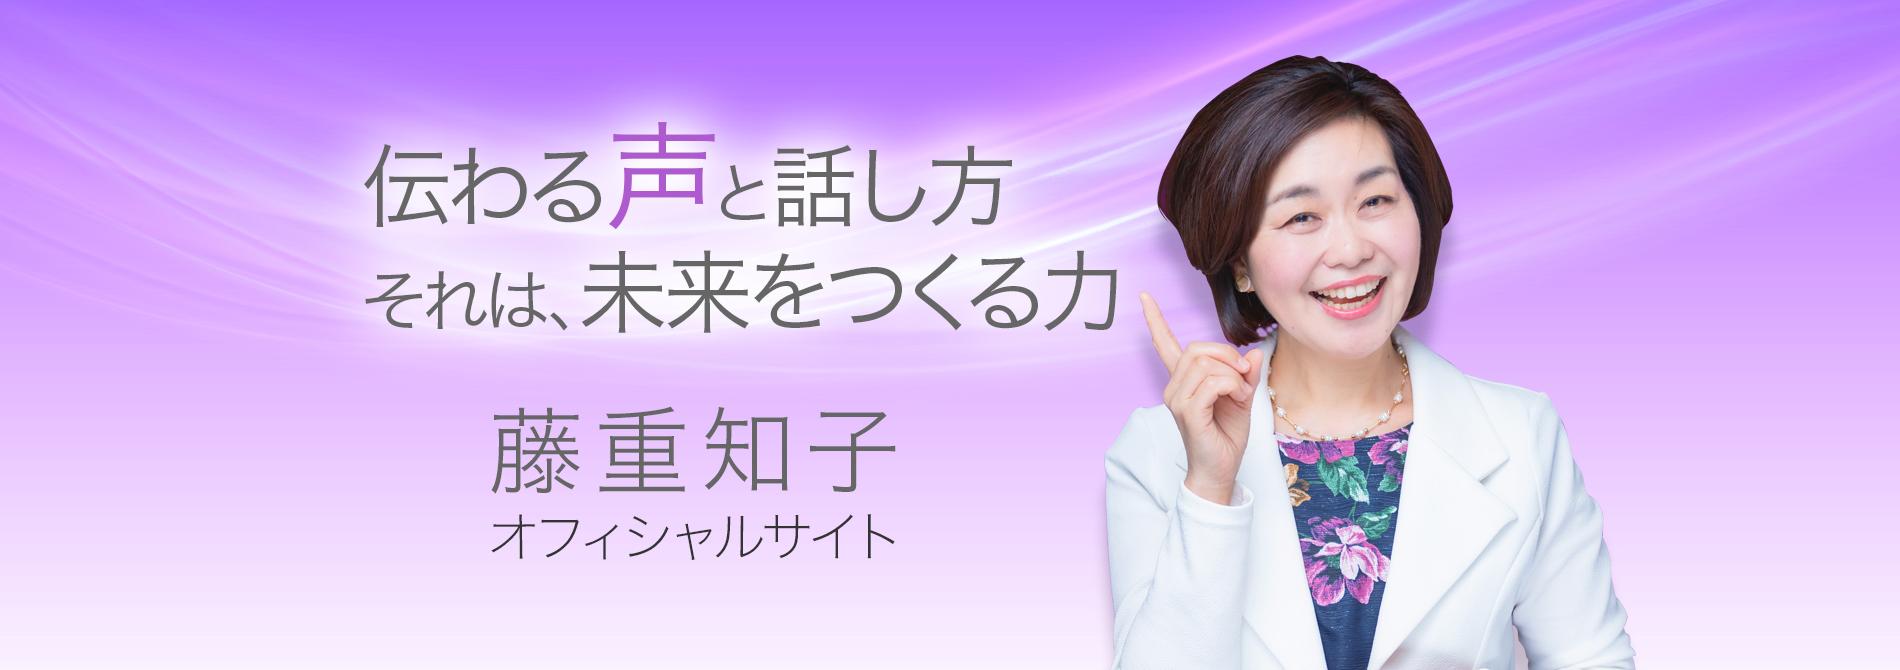 伝わる声と話し方、それは未来をつくる力。藤重知子オフィシャルサイト